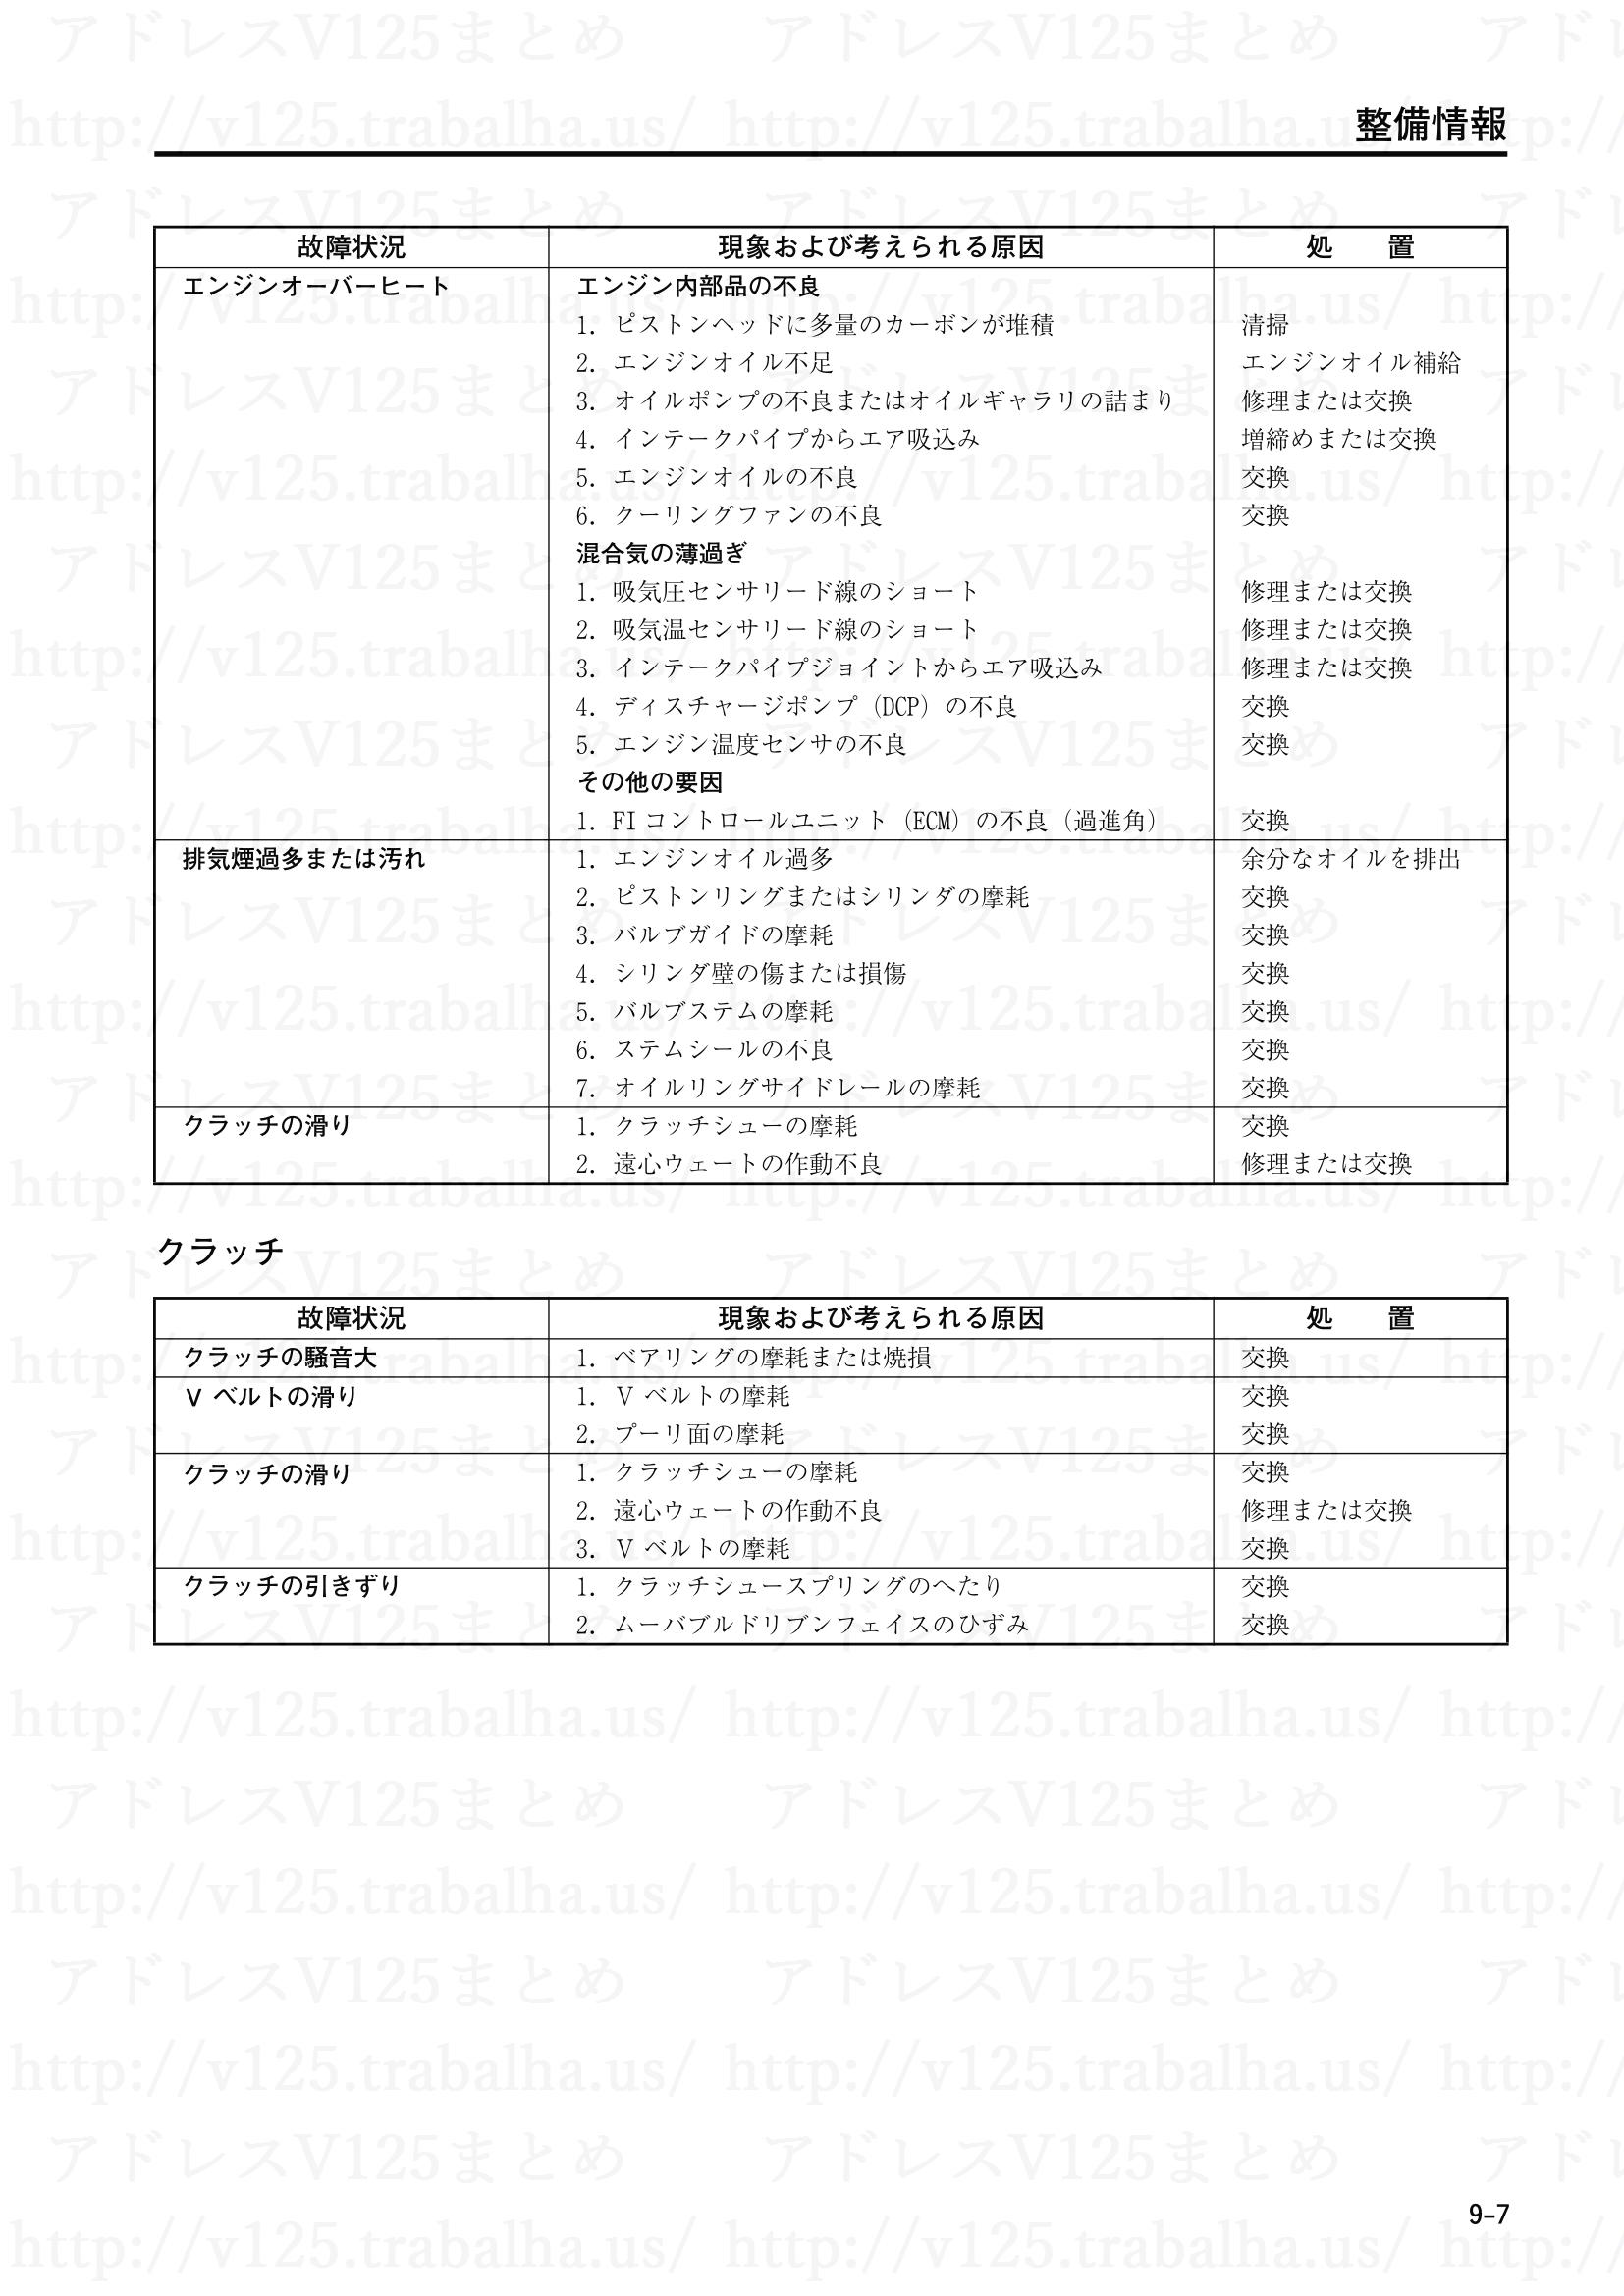 9-7【整備情報】クラッチの騒音大